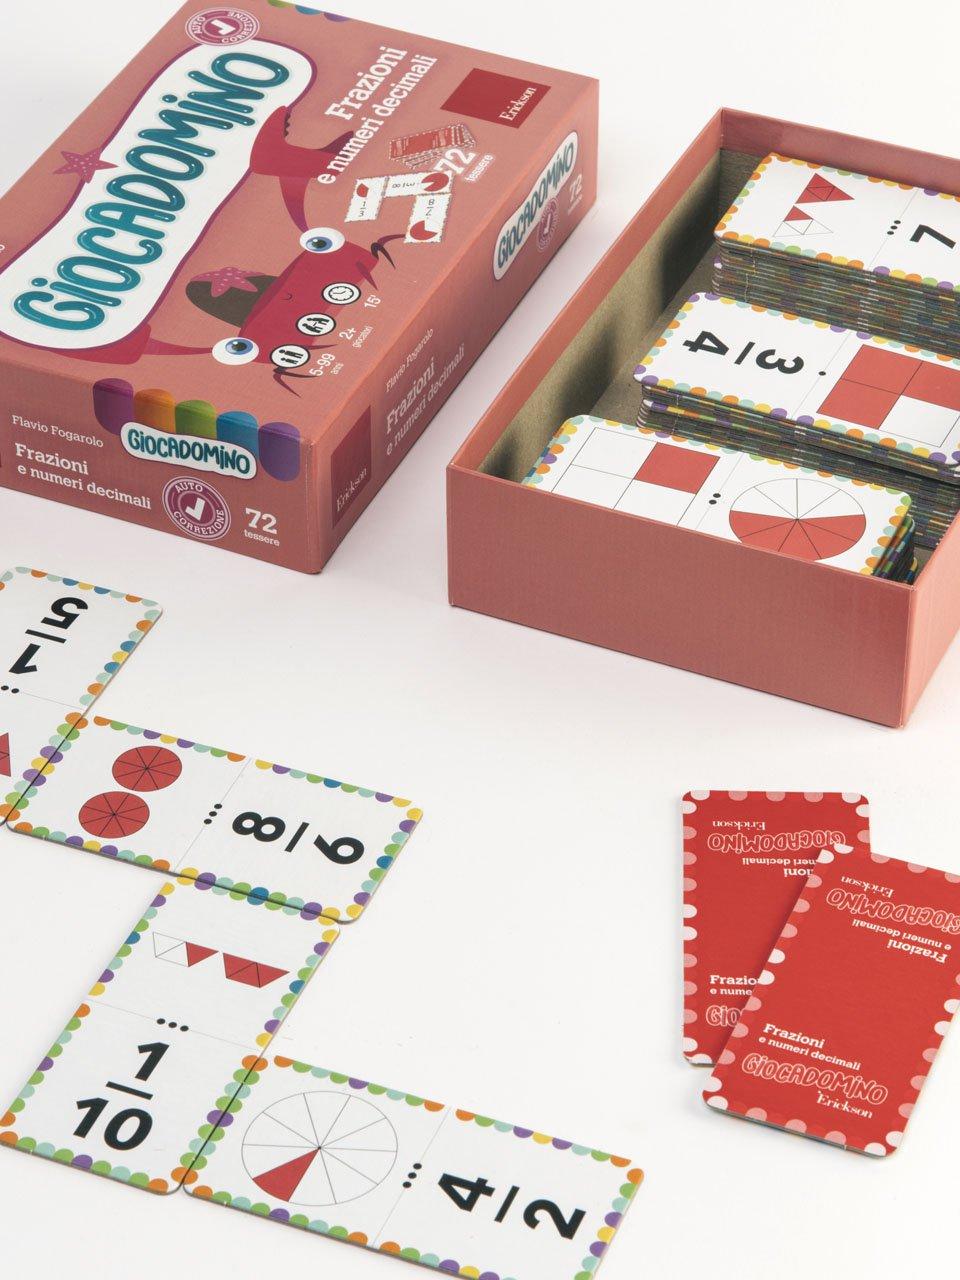 Giocadomino - Frazioni e numeri decimali - Giochi - Erickson 2